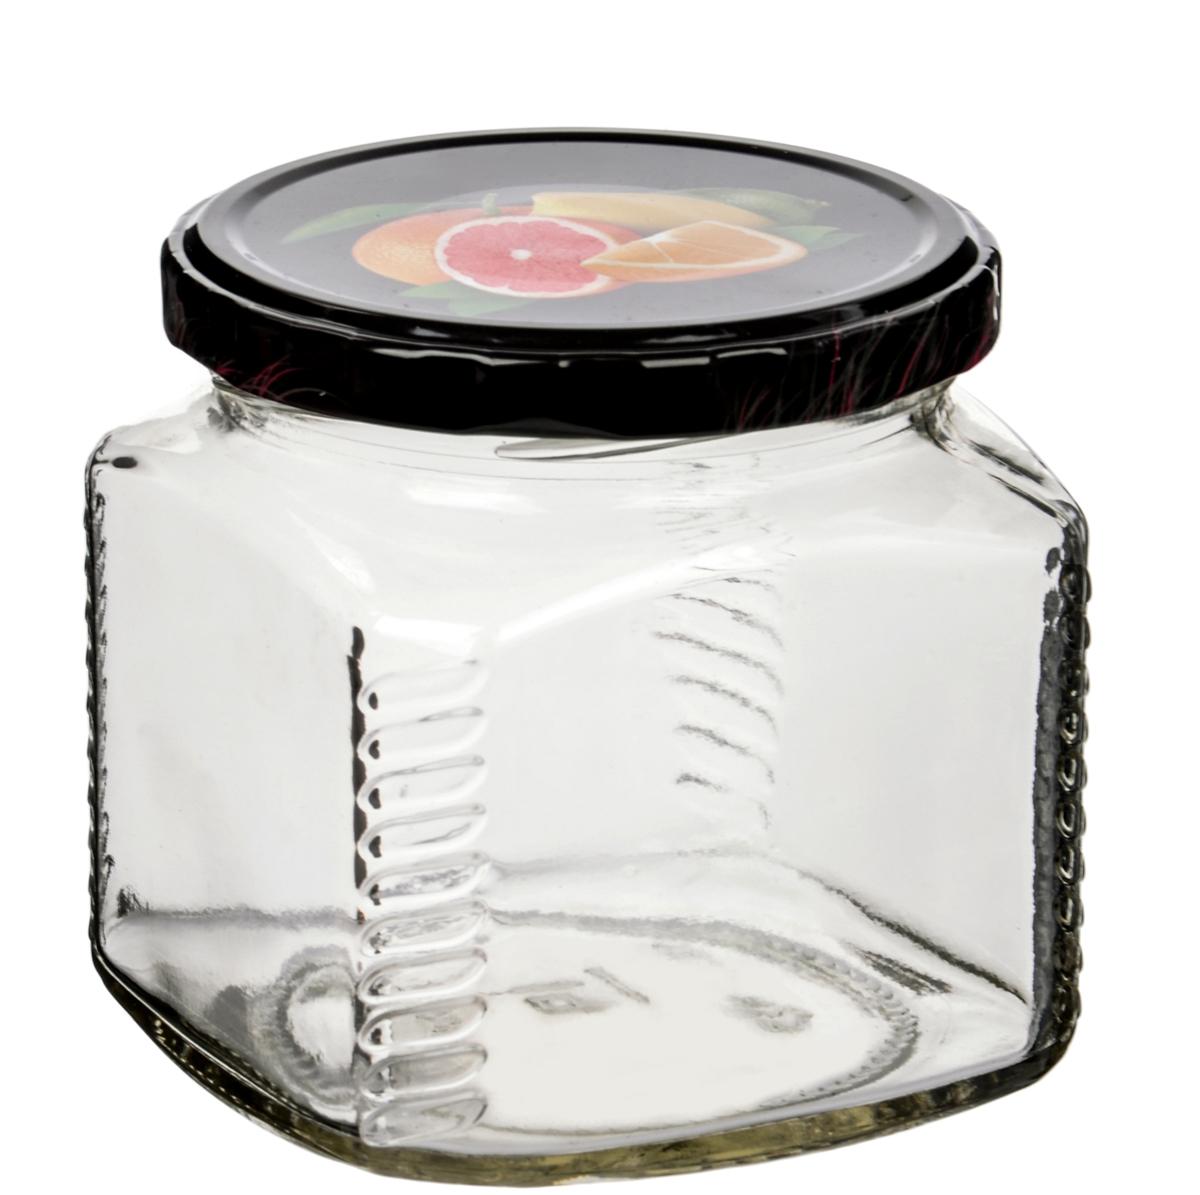 Банка для сыпучих продуктов Камышинский завод, 390 млKB140-B82B-390/82BСтекло является инертным материалом, поэтому стеклянная упаковка является самой экологически чистой как для жидких, так и для сыпучих продуктов. В бытовом смысле требования к стеклянной посуде достаточно просты: если это емкость для сыпучих или банка для консервирования, она должна быть удобной по форме, гладкой, прозрачной, прочной и хорошо закрываться. Банки имеют металлические закручивающиеся крышки. Изделия из стекла без металлических деталей можно использовать в СВЧ и мыть в ПММ.